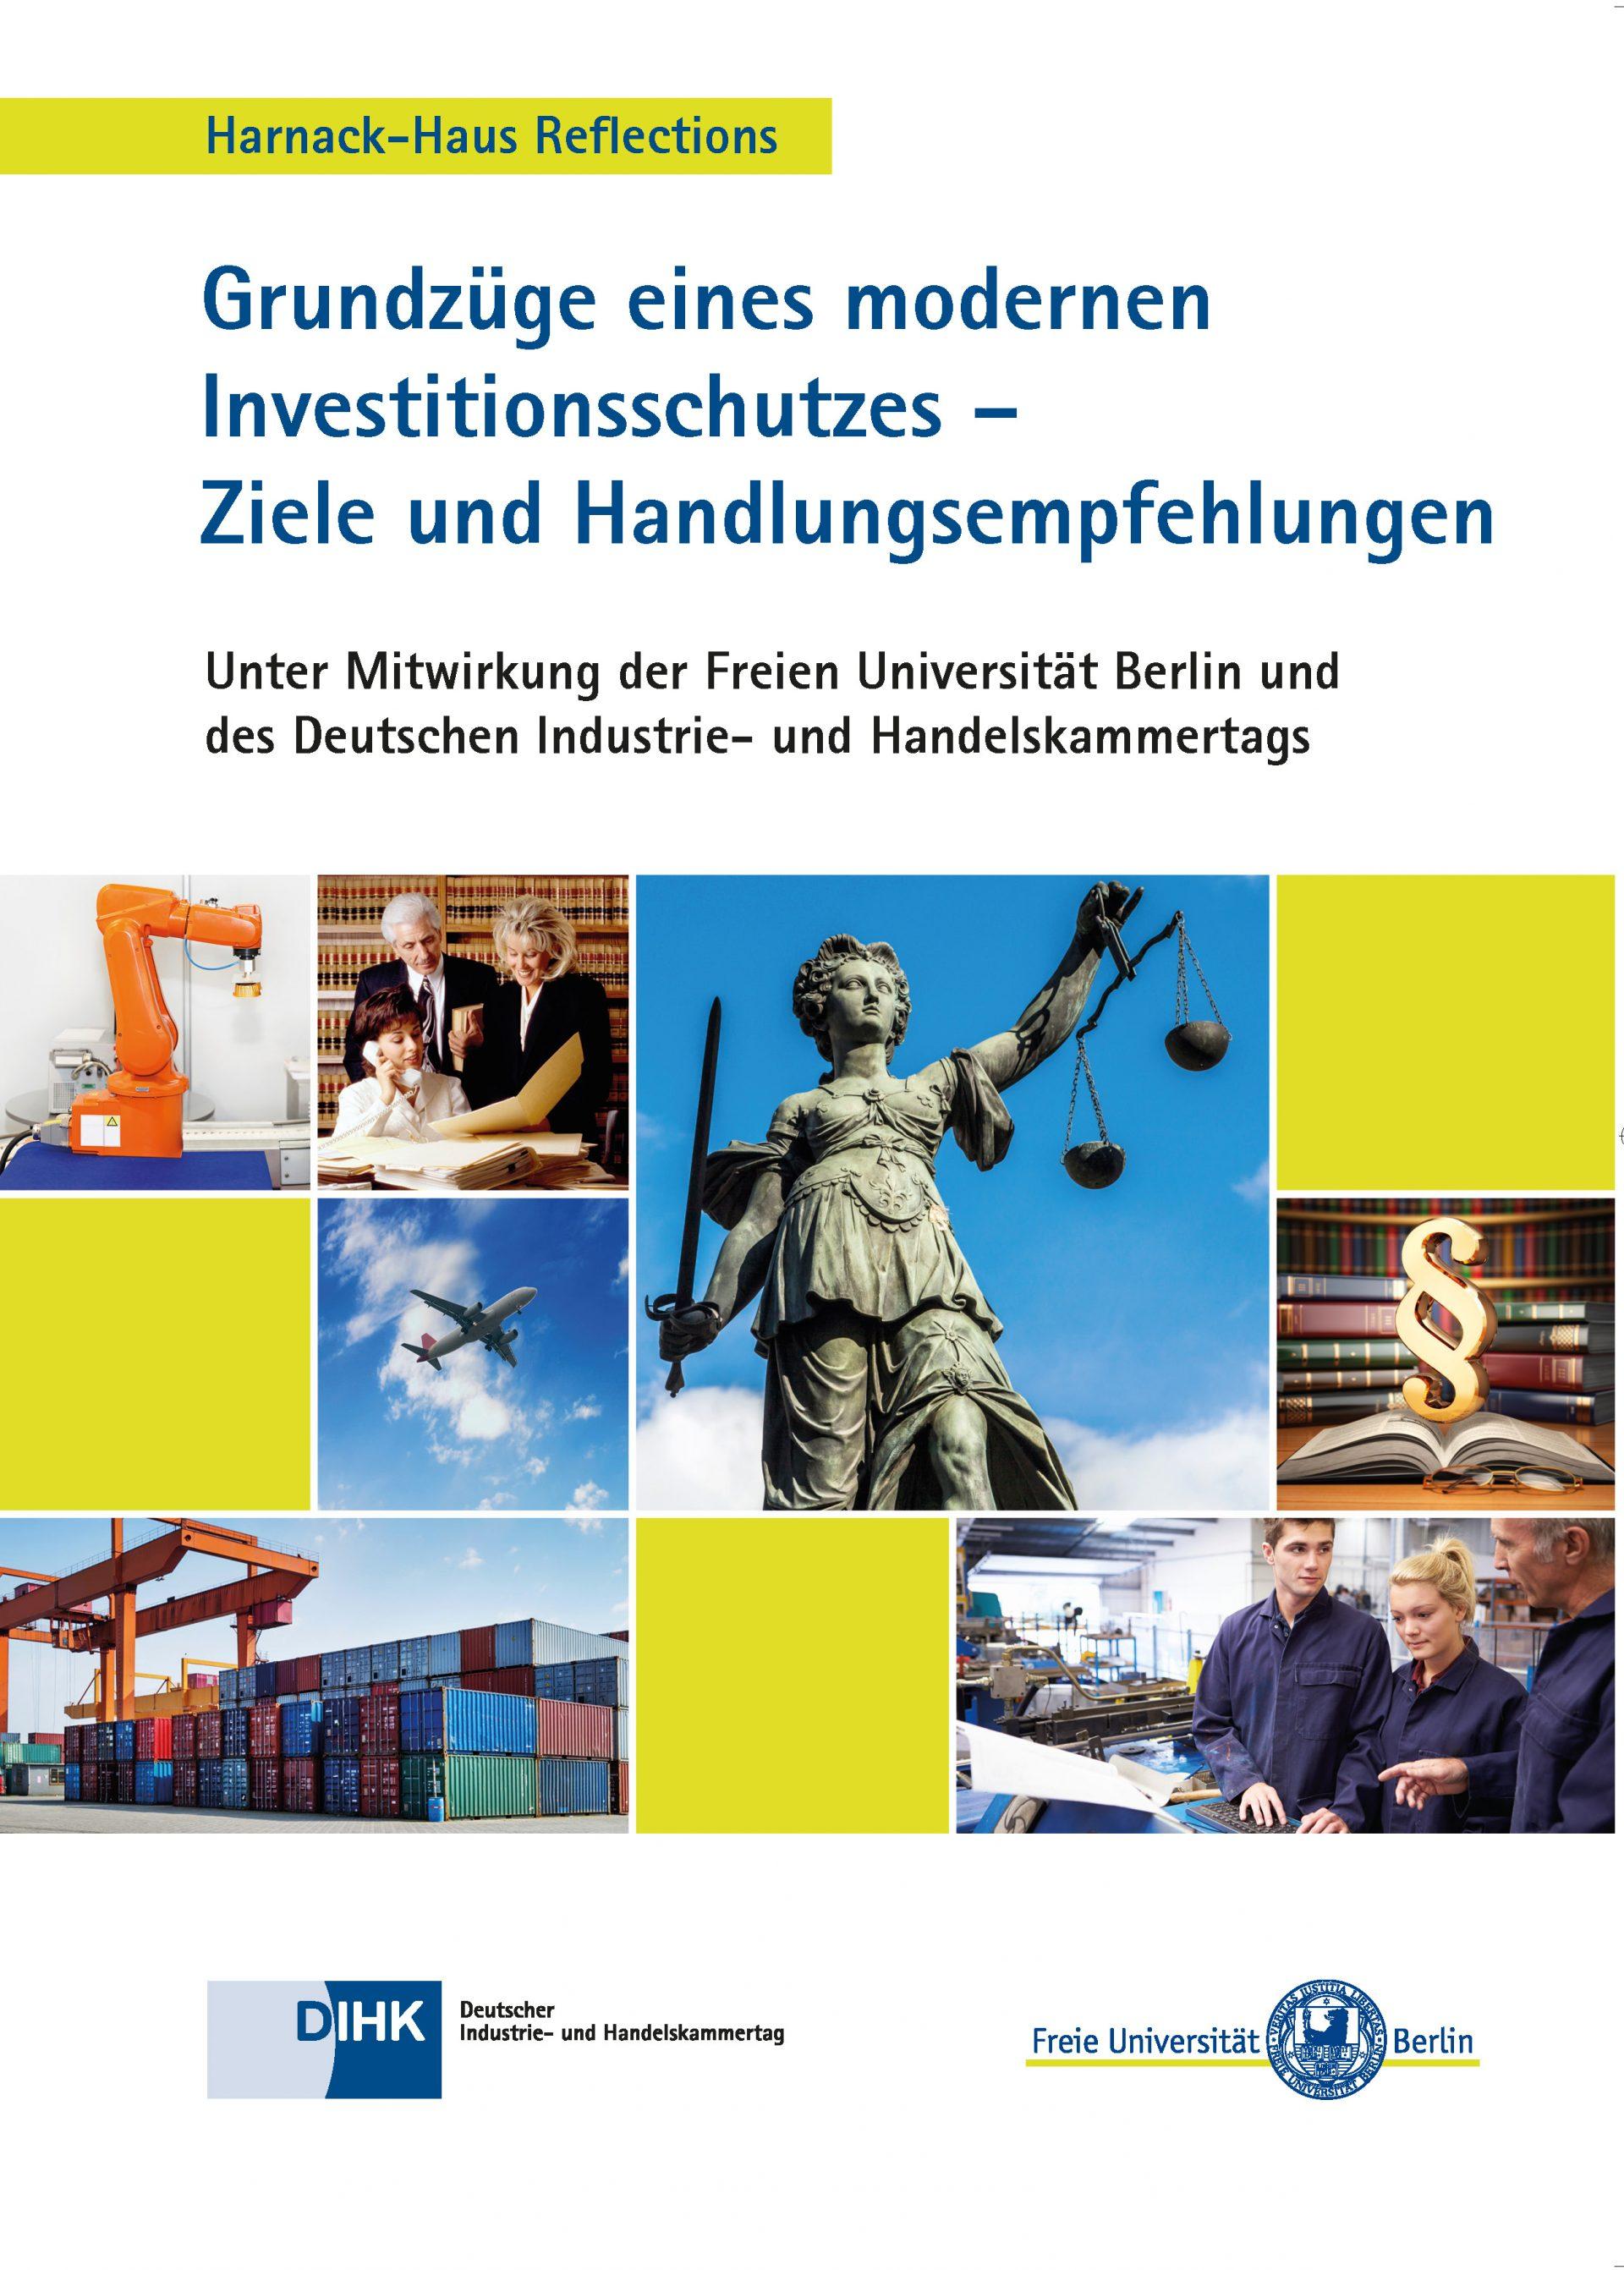 Grundzüge eines modernen Investitionsschutzes – Ziele und Handlungsempfehlungen – Ein realpolitischer Vorschlag zur Reform des Investitionsschutzes zwischen CETA-Text und den Kommissionsvorschlägen zu TTIP